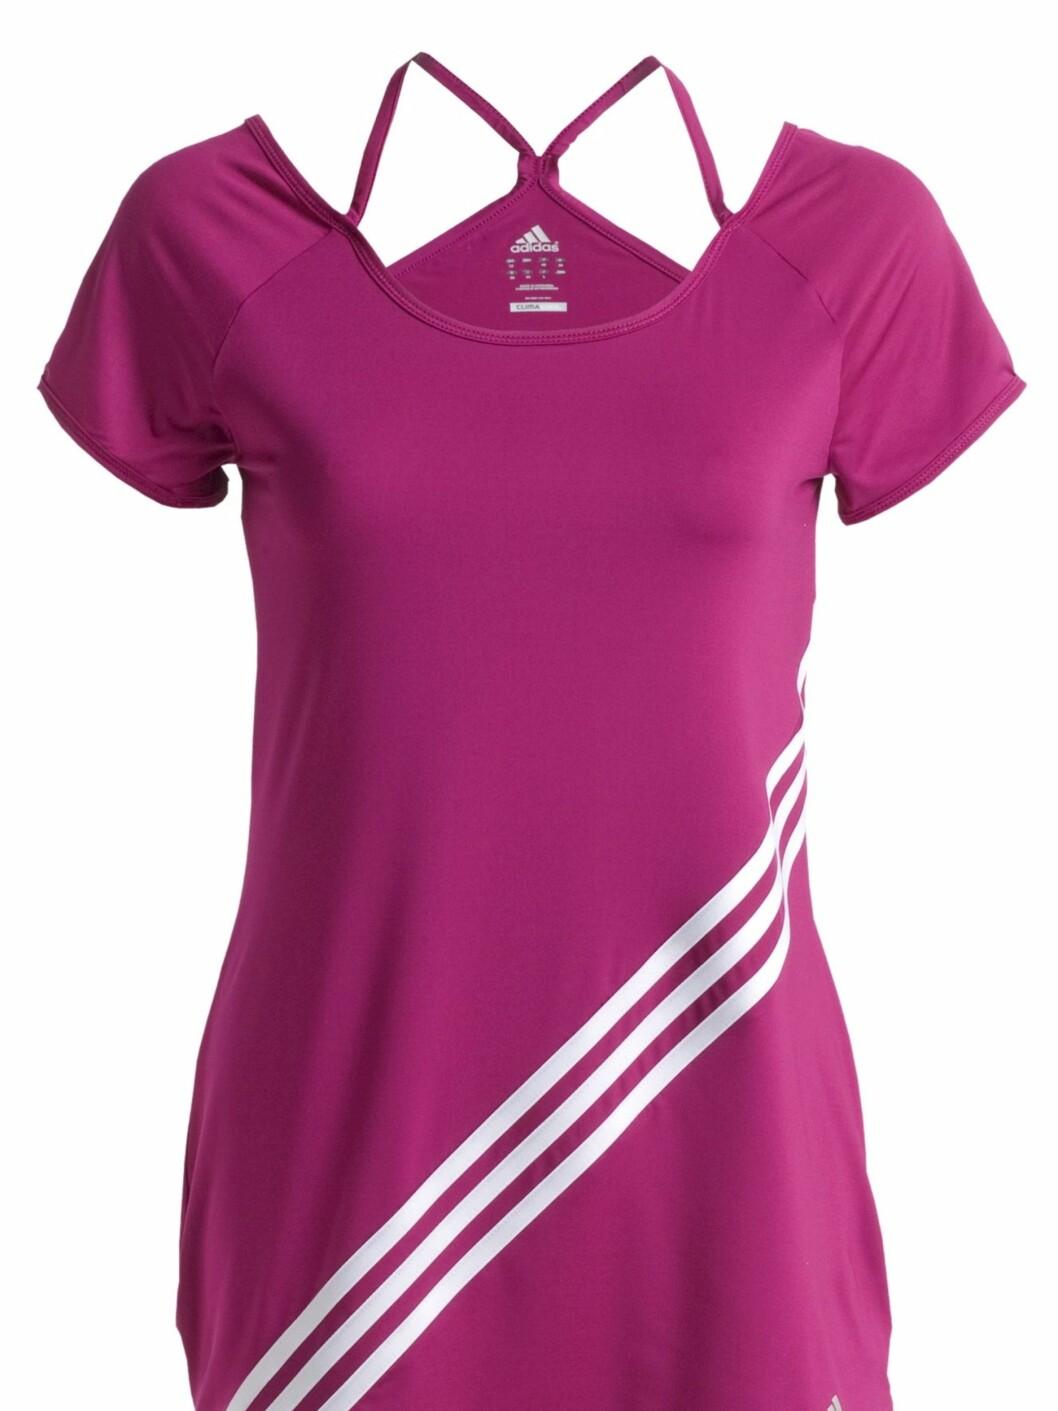 Kul treningstskjorte med åpning i ryggen fra Adidas. Toppen er laget i funksjonsmaterialet Climacool. 399 kroner fra Ellos.no.   Foto: Produsenten